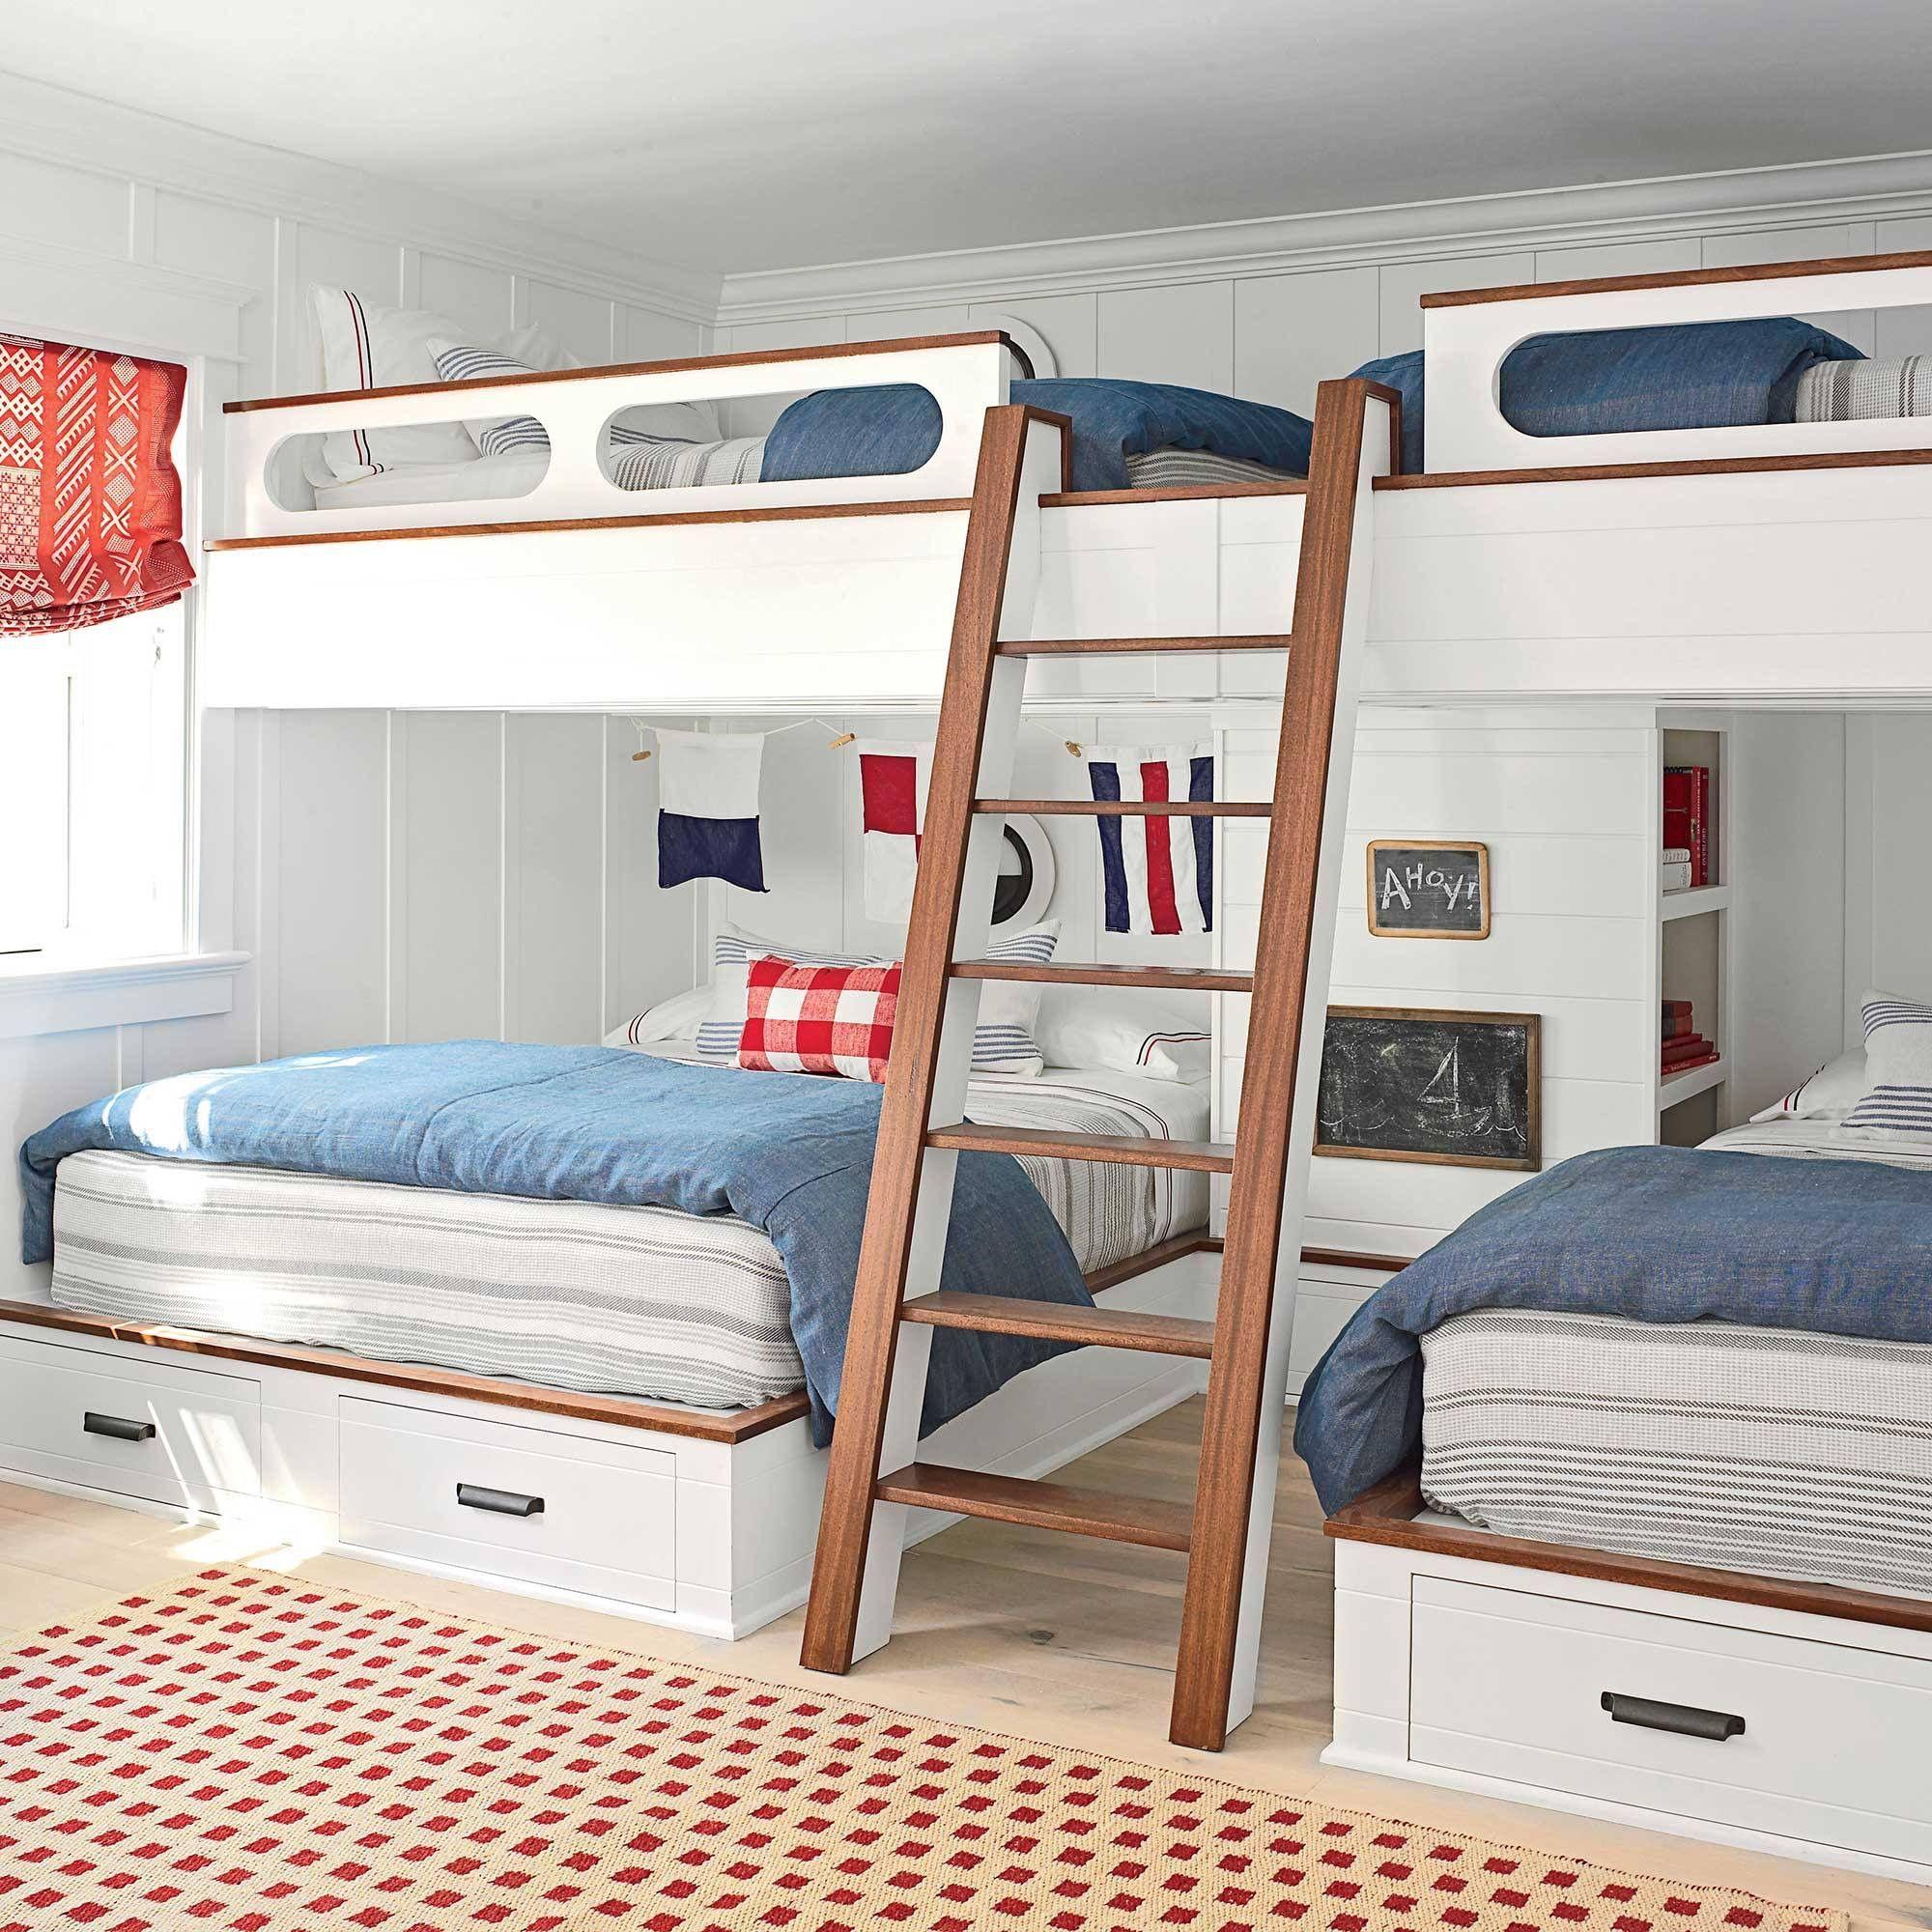 Queen size loft bed with stairs  Pin by Gianduja Vandeuren on Home  Pinterest  Bunk rooms Bedrooms